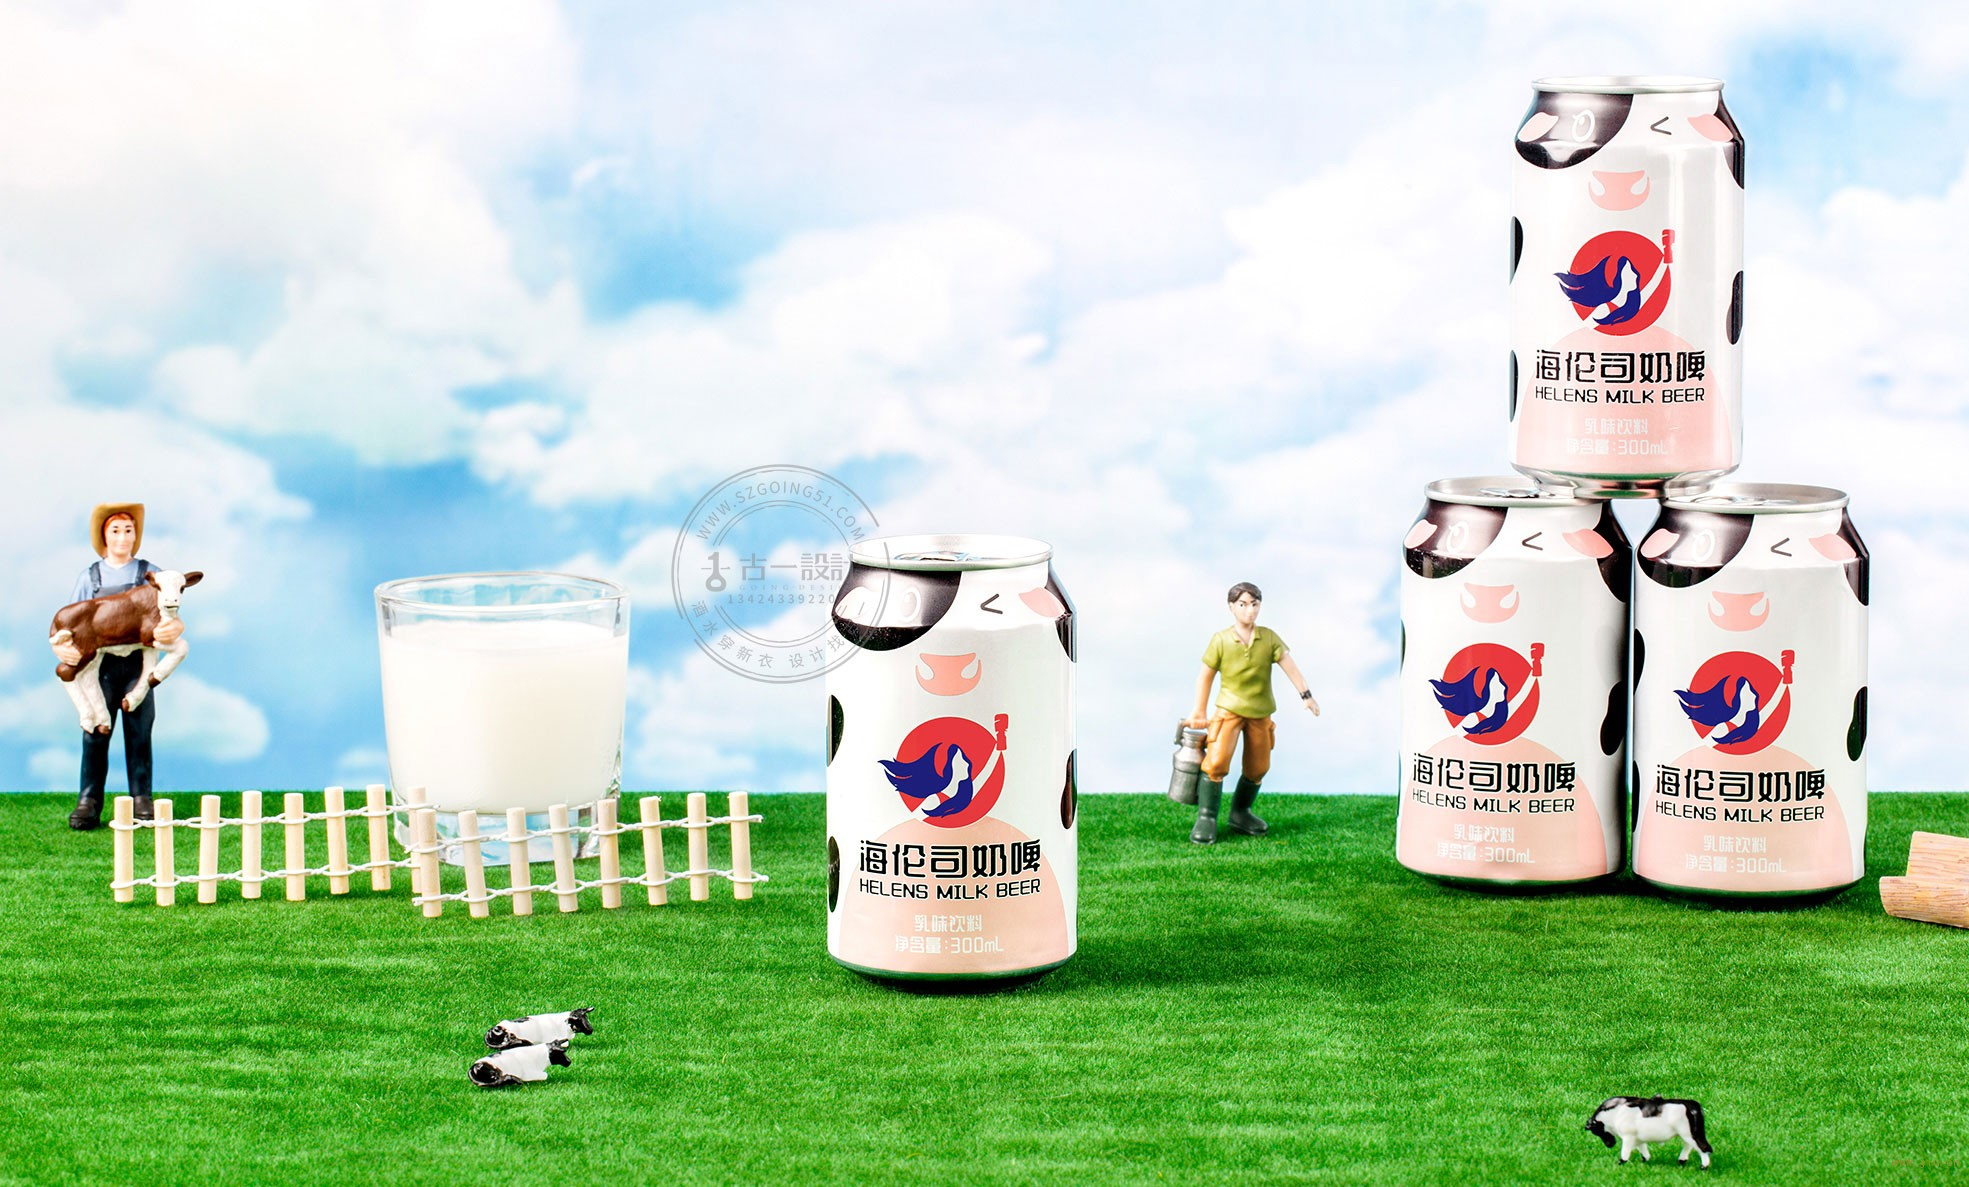 海伦司奶啤包装设计 海伦司啤酒系列包装设计 深圳专业标签设计公司古一设计